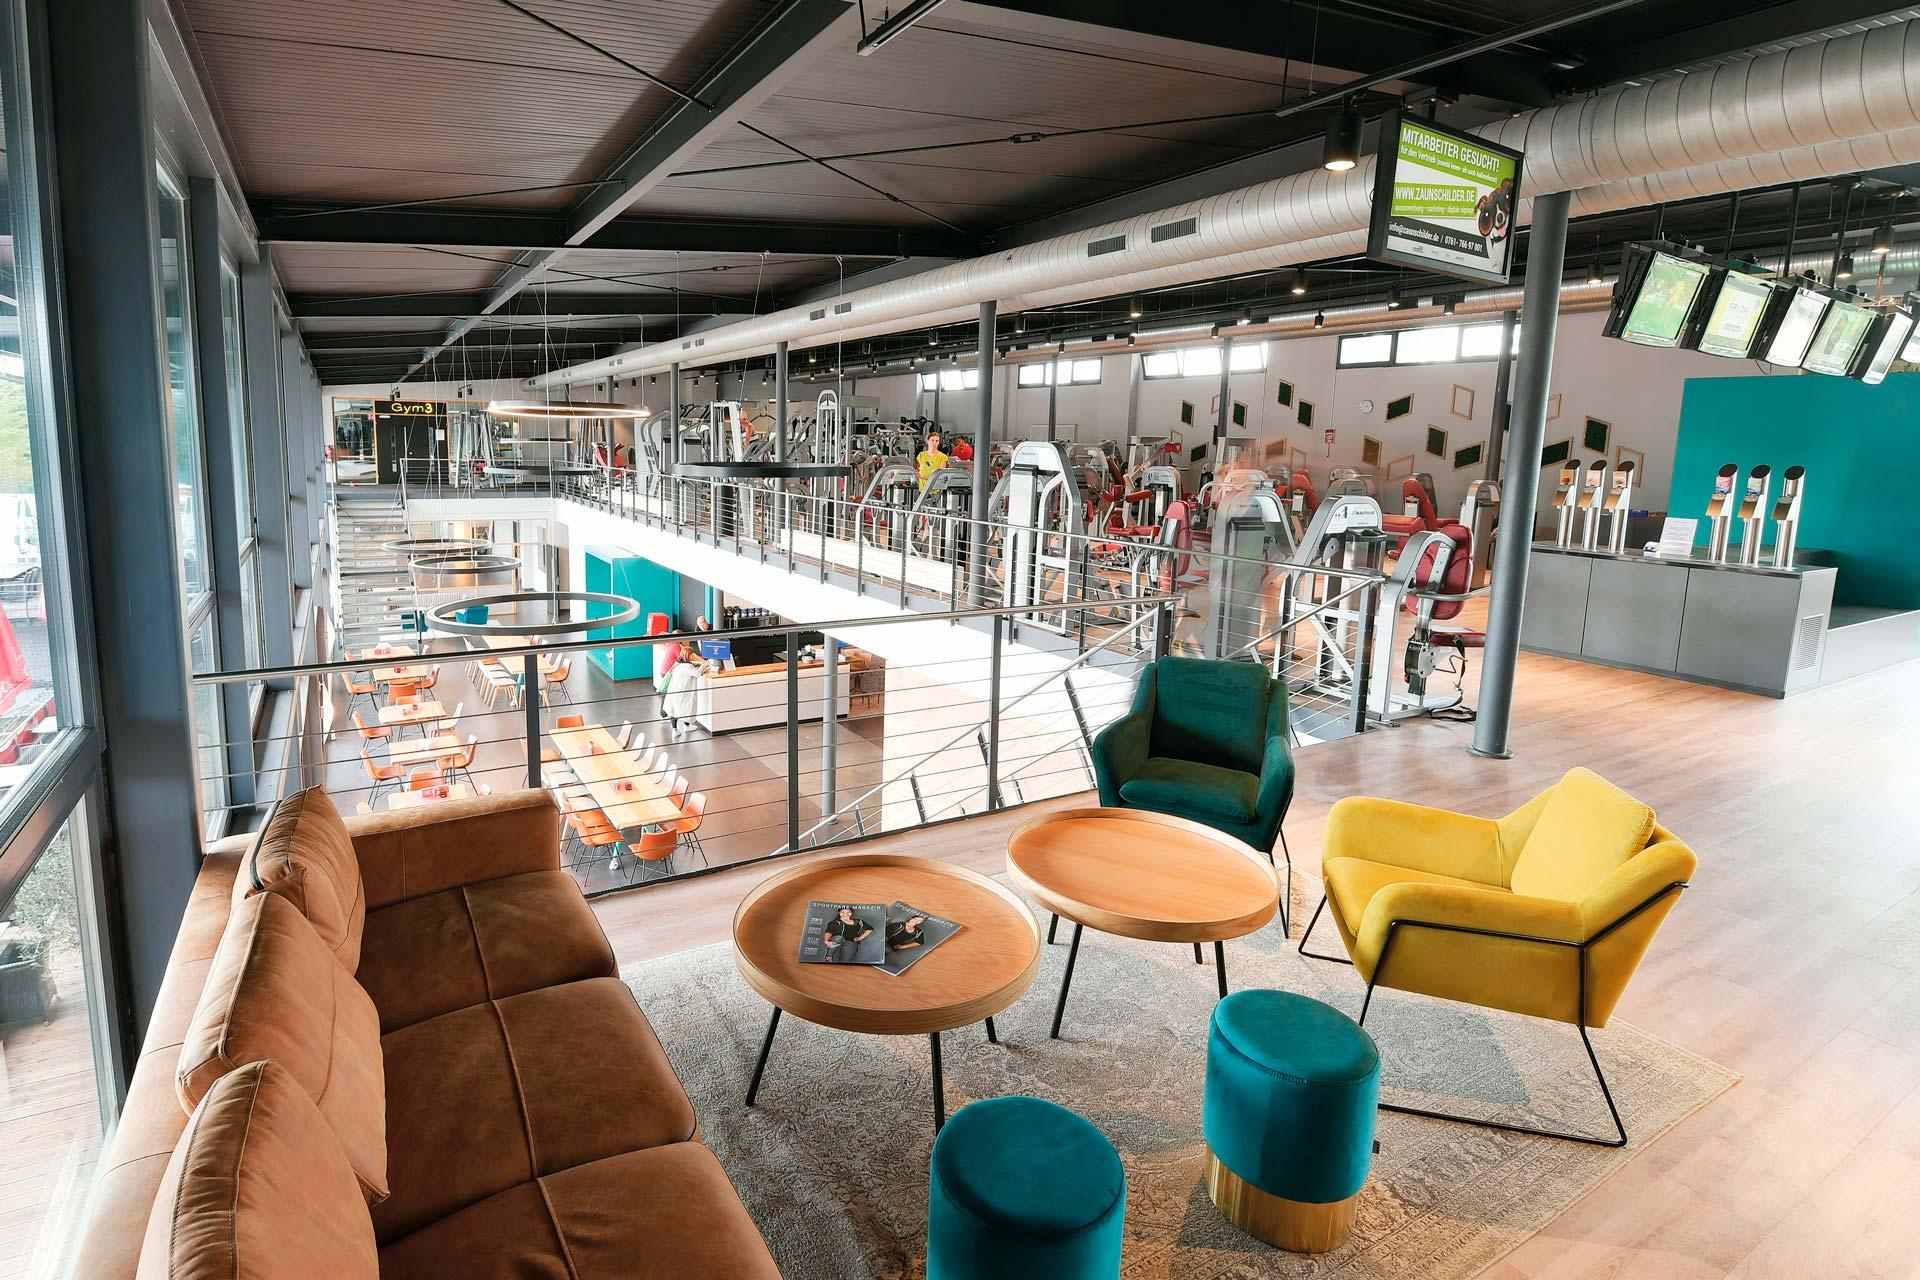 cardio-lounge-sportpark-freiburg-1920x1280px